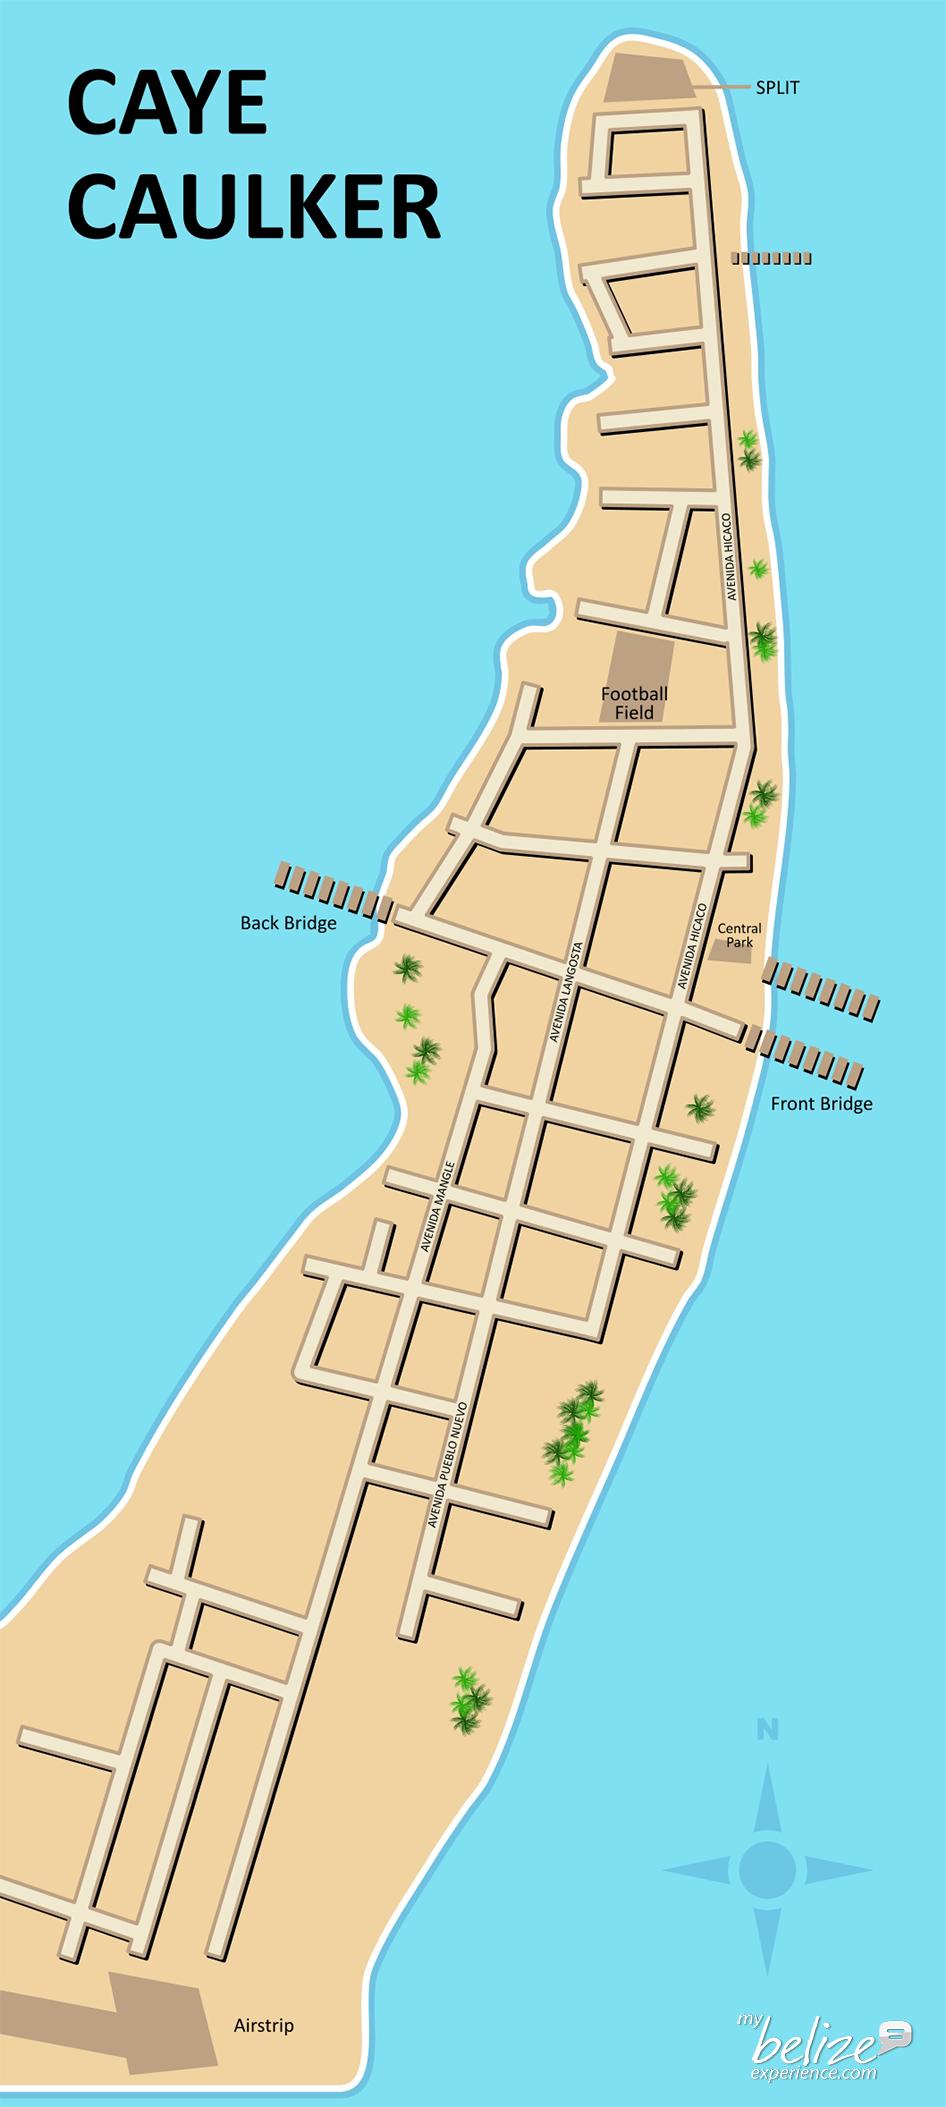 Caye Caulker Map